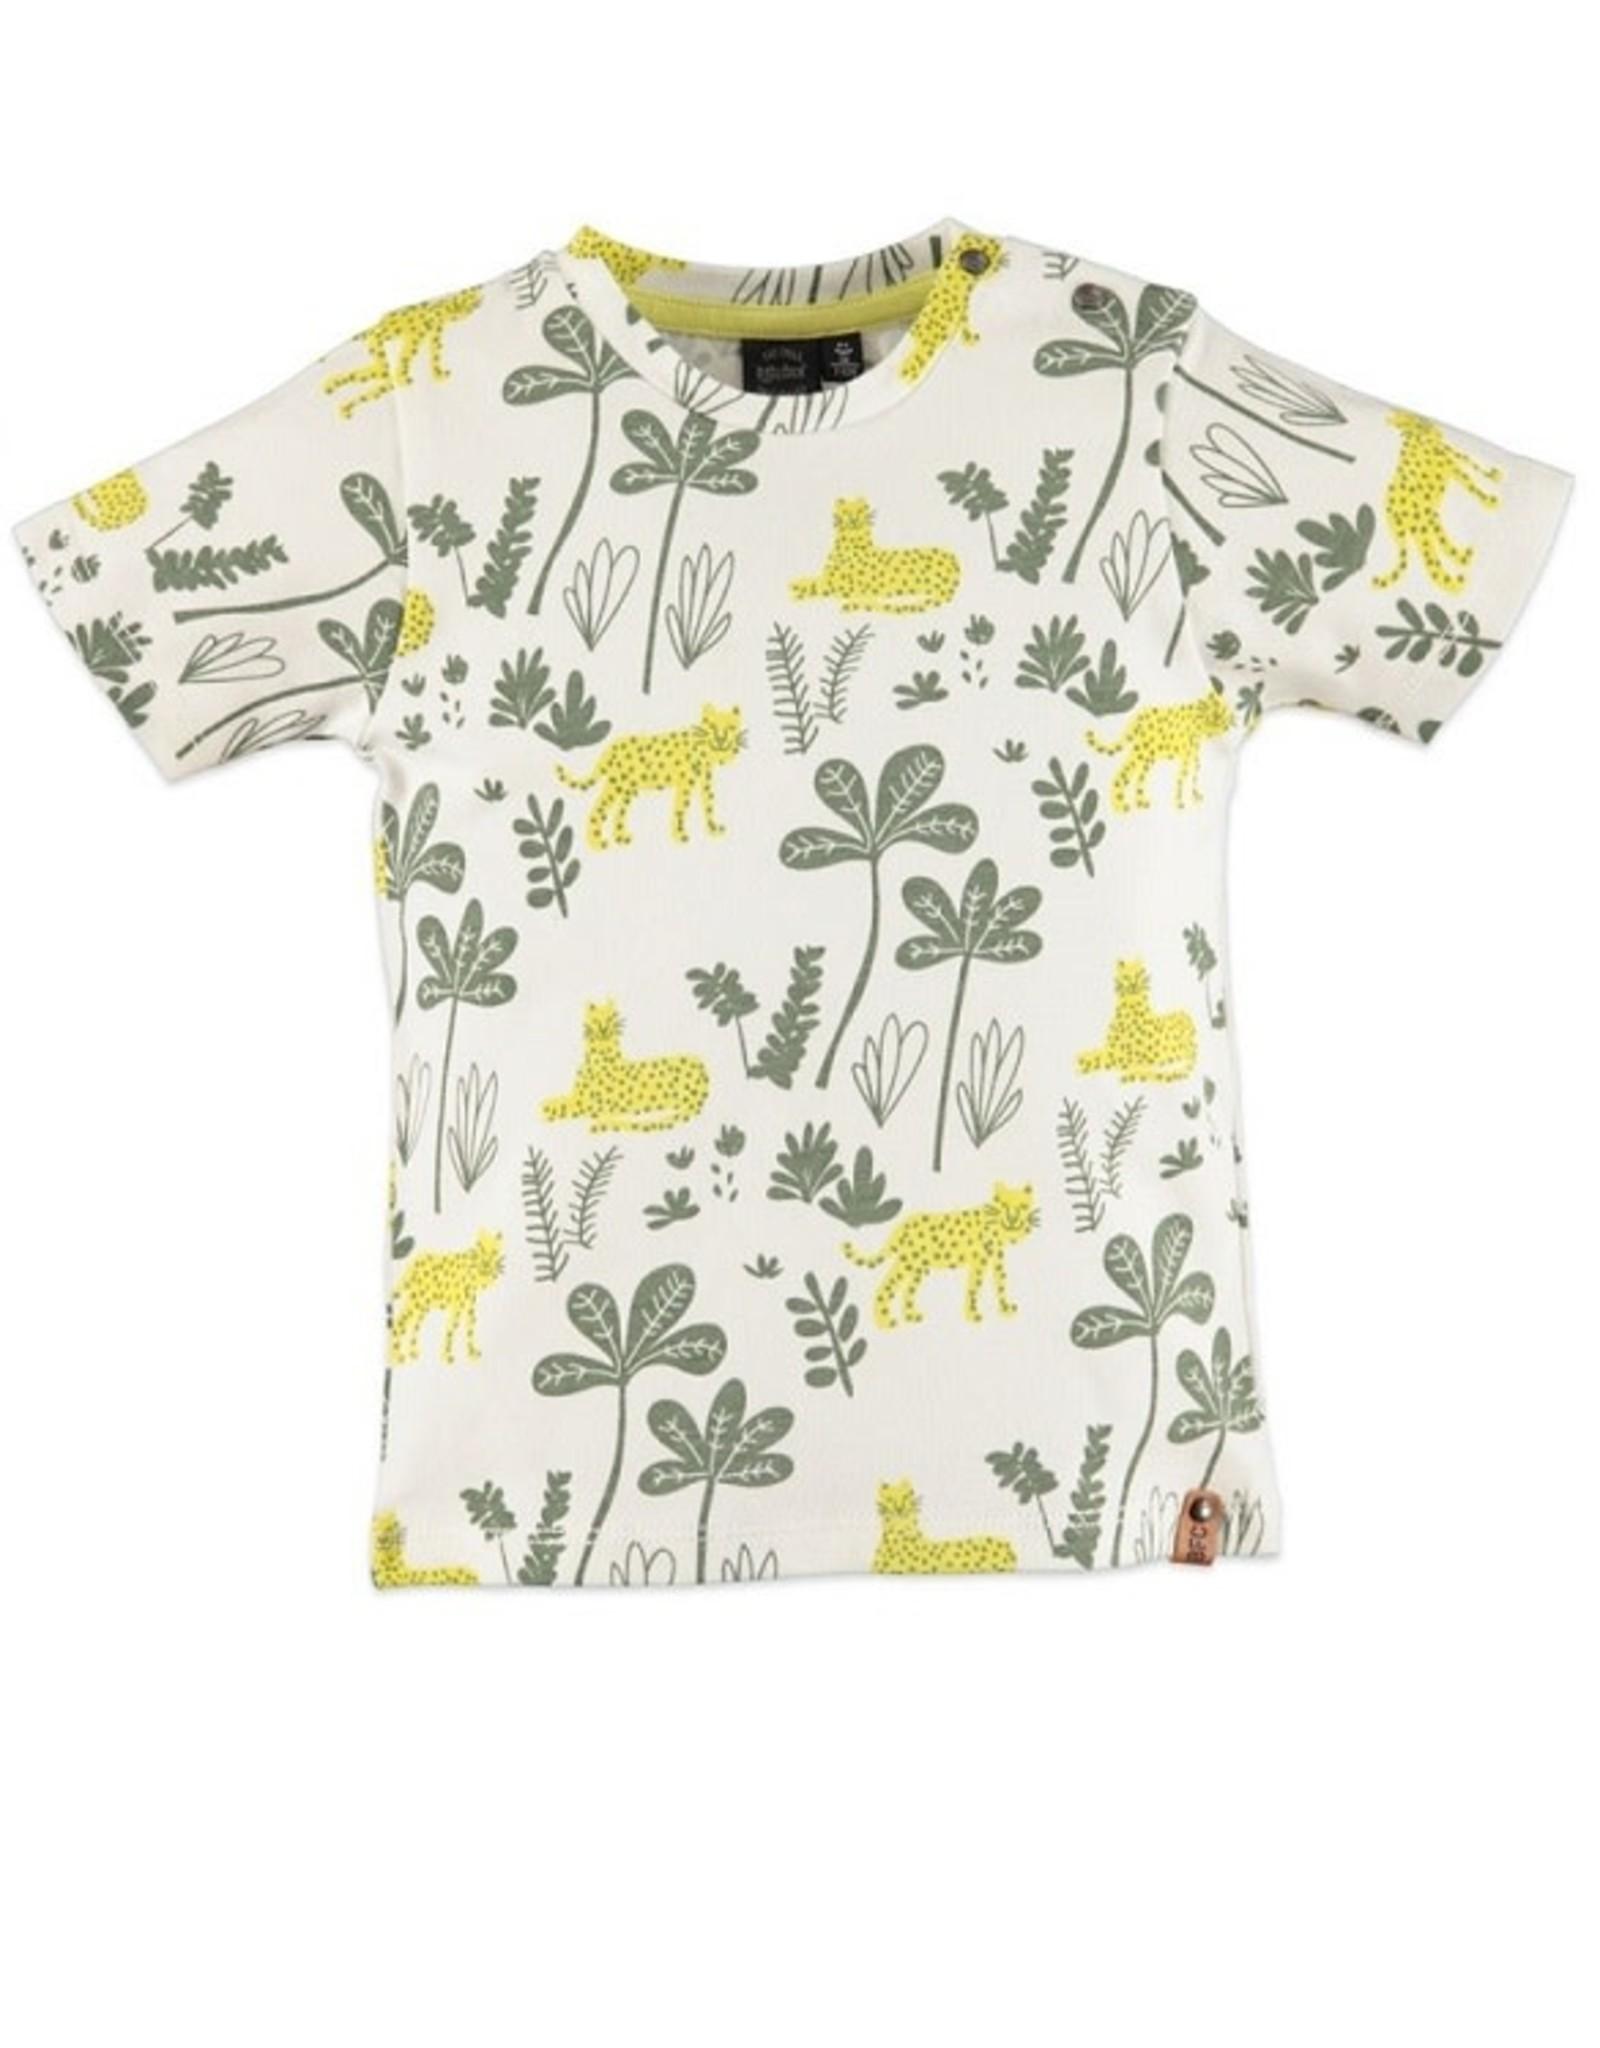 Babyface Jongens T-shirt kort mouw ecru jungle